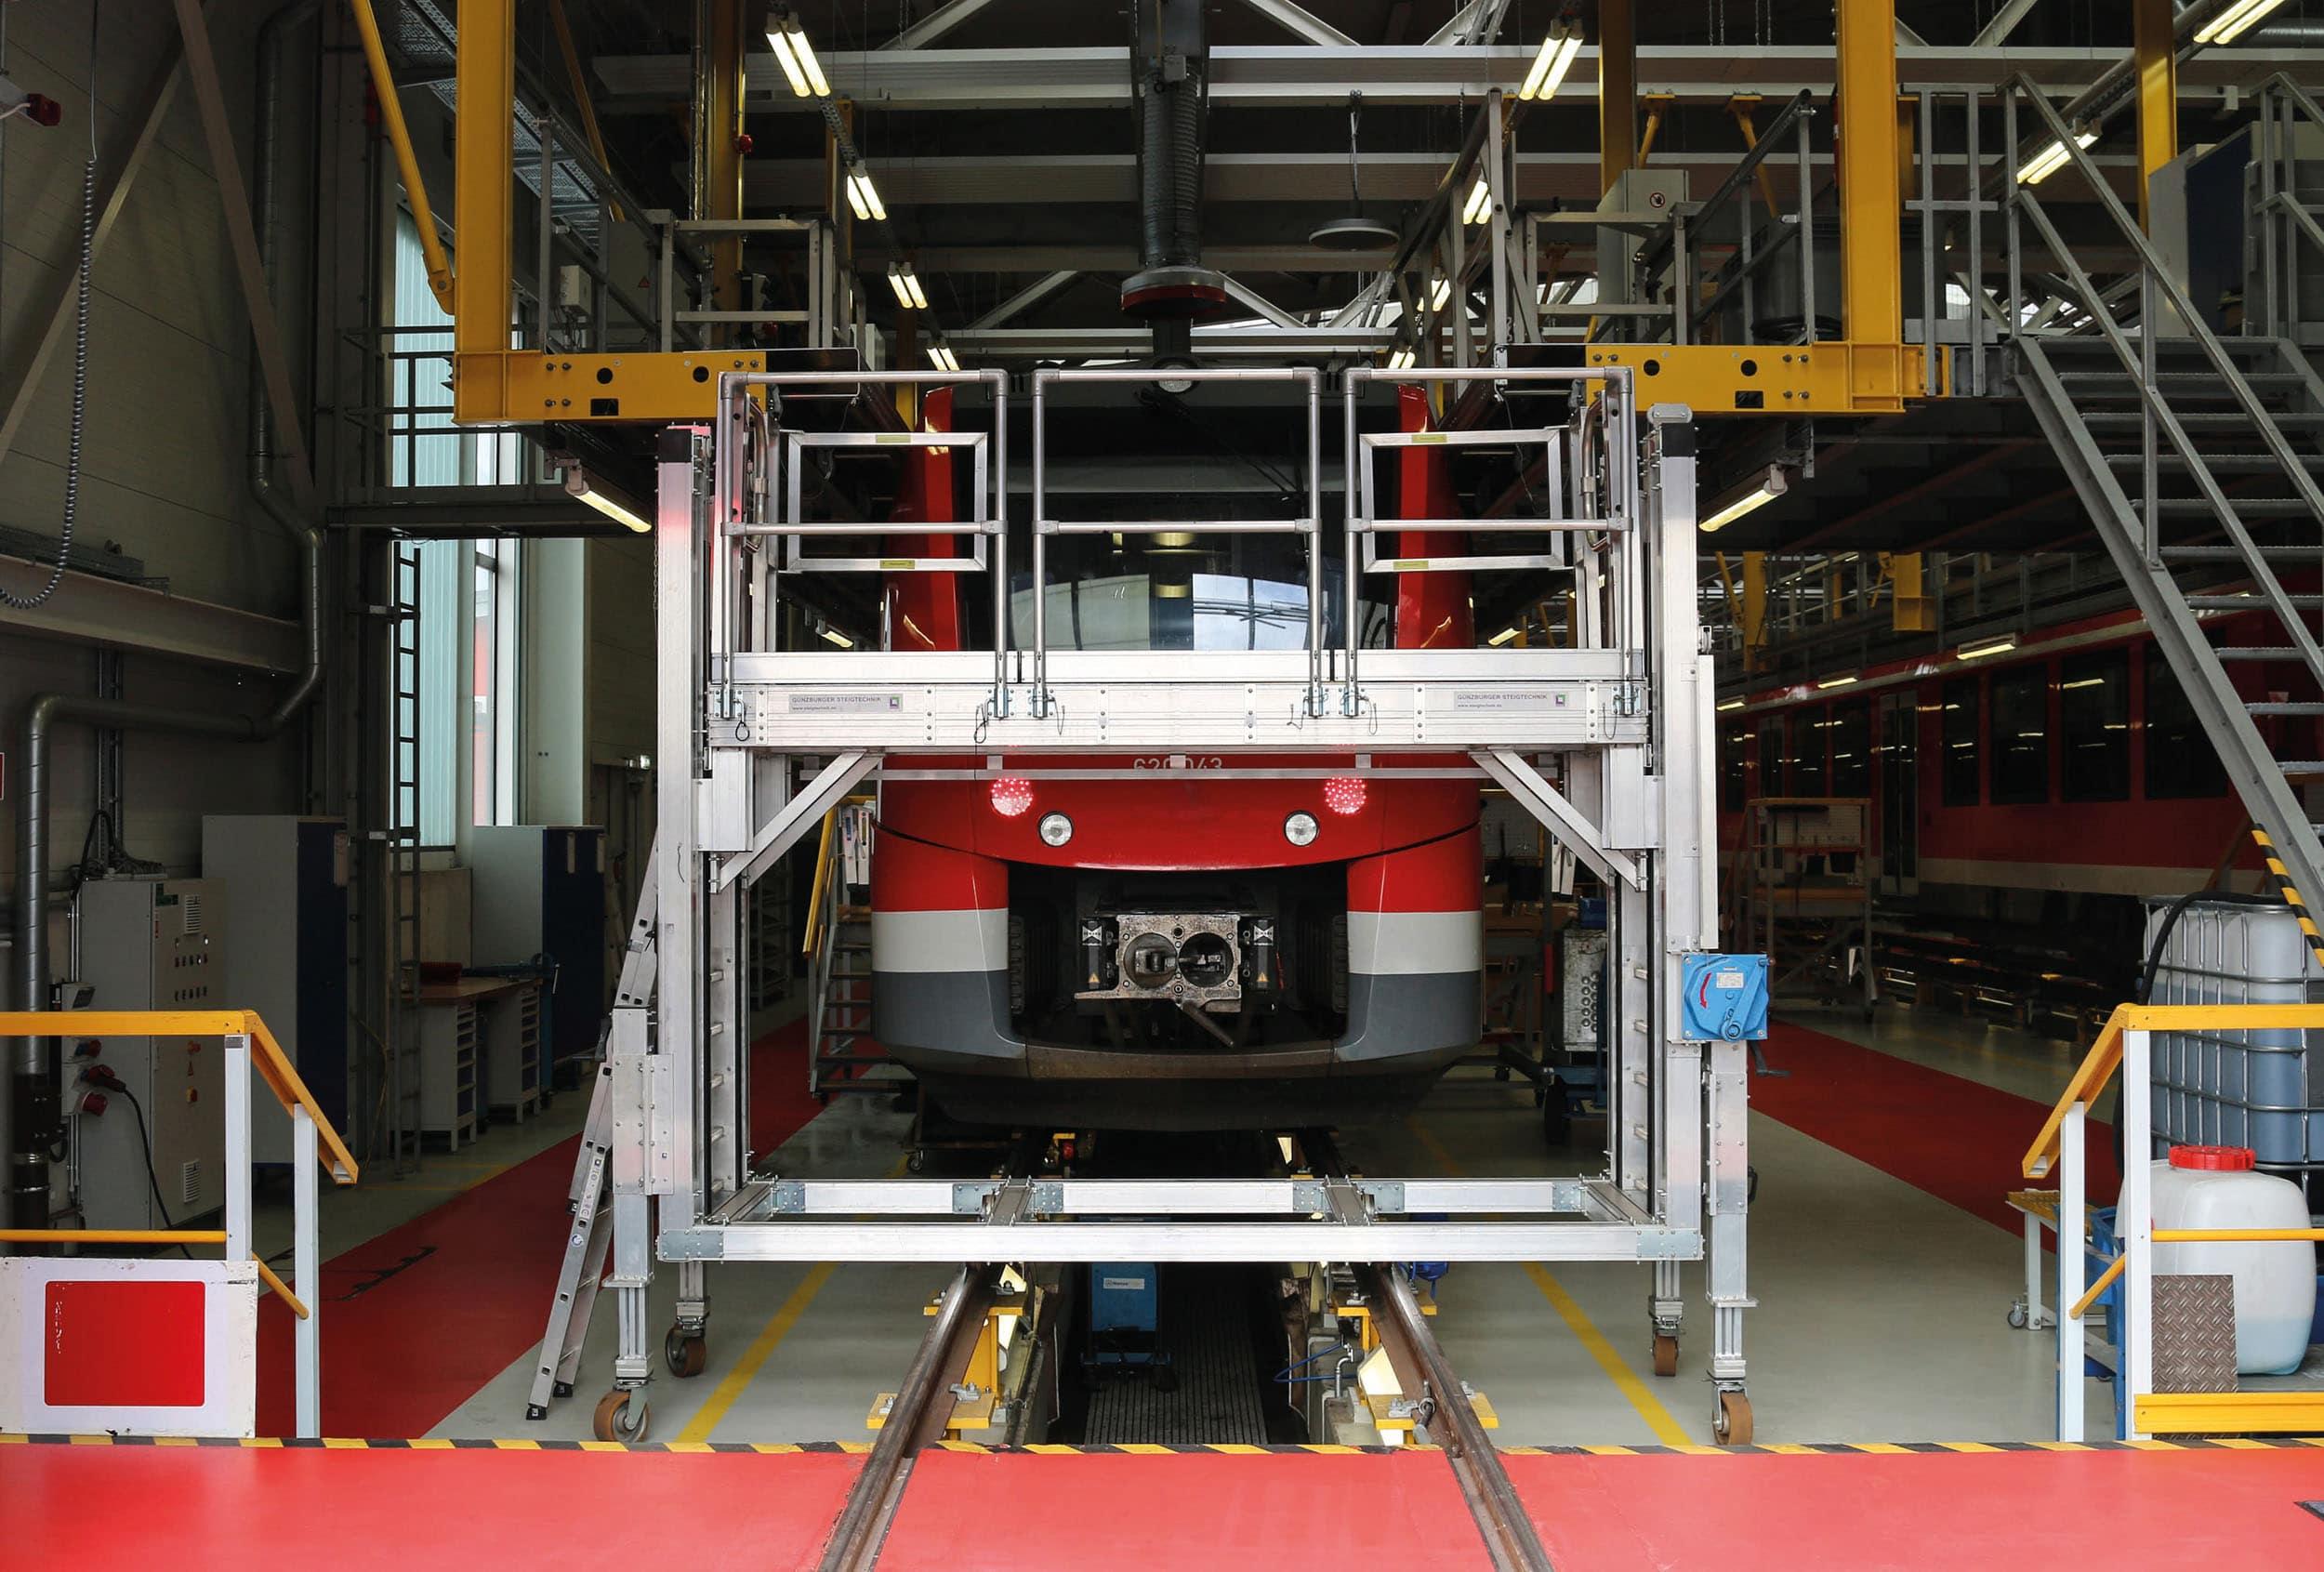 Mehr Flexibilität, Sicherheit und Effizienz an der Zugfront – Die neue multifunktionale Frontarbeitsbühne der Günzburger Steigtechnik mit 3-in-1-Fahrwerk optimiert die Wartung von Schienenfahrzeugen